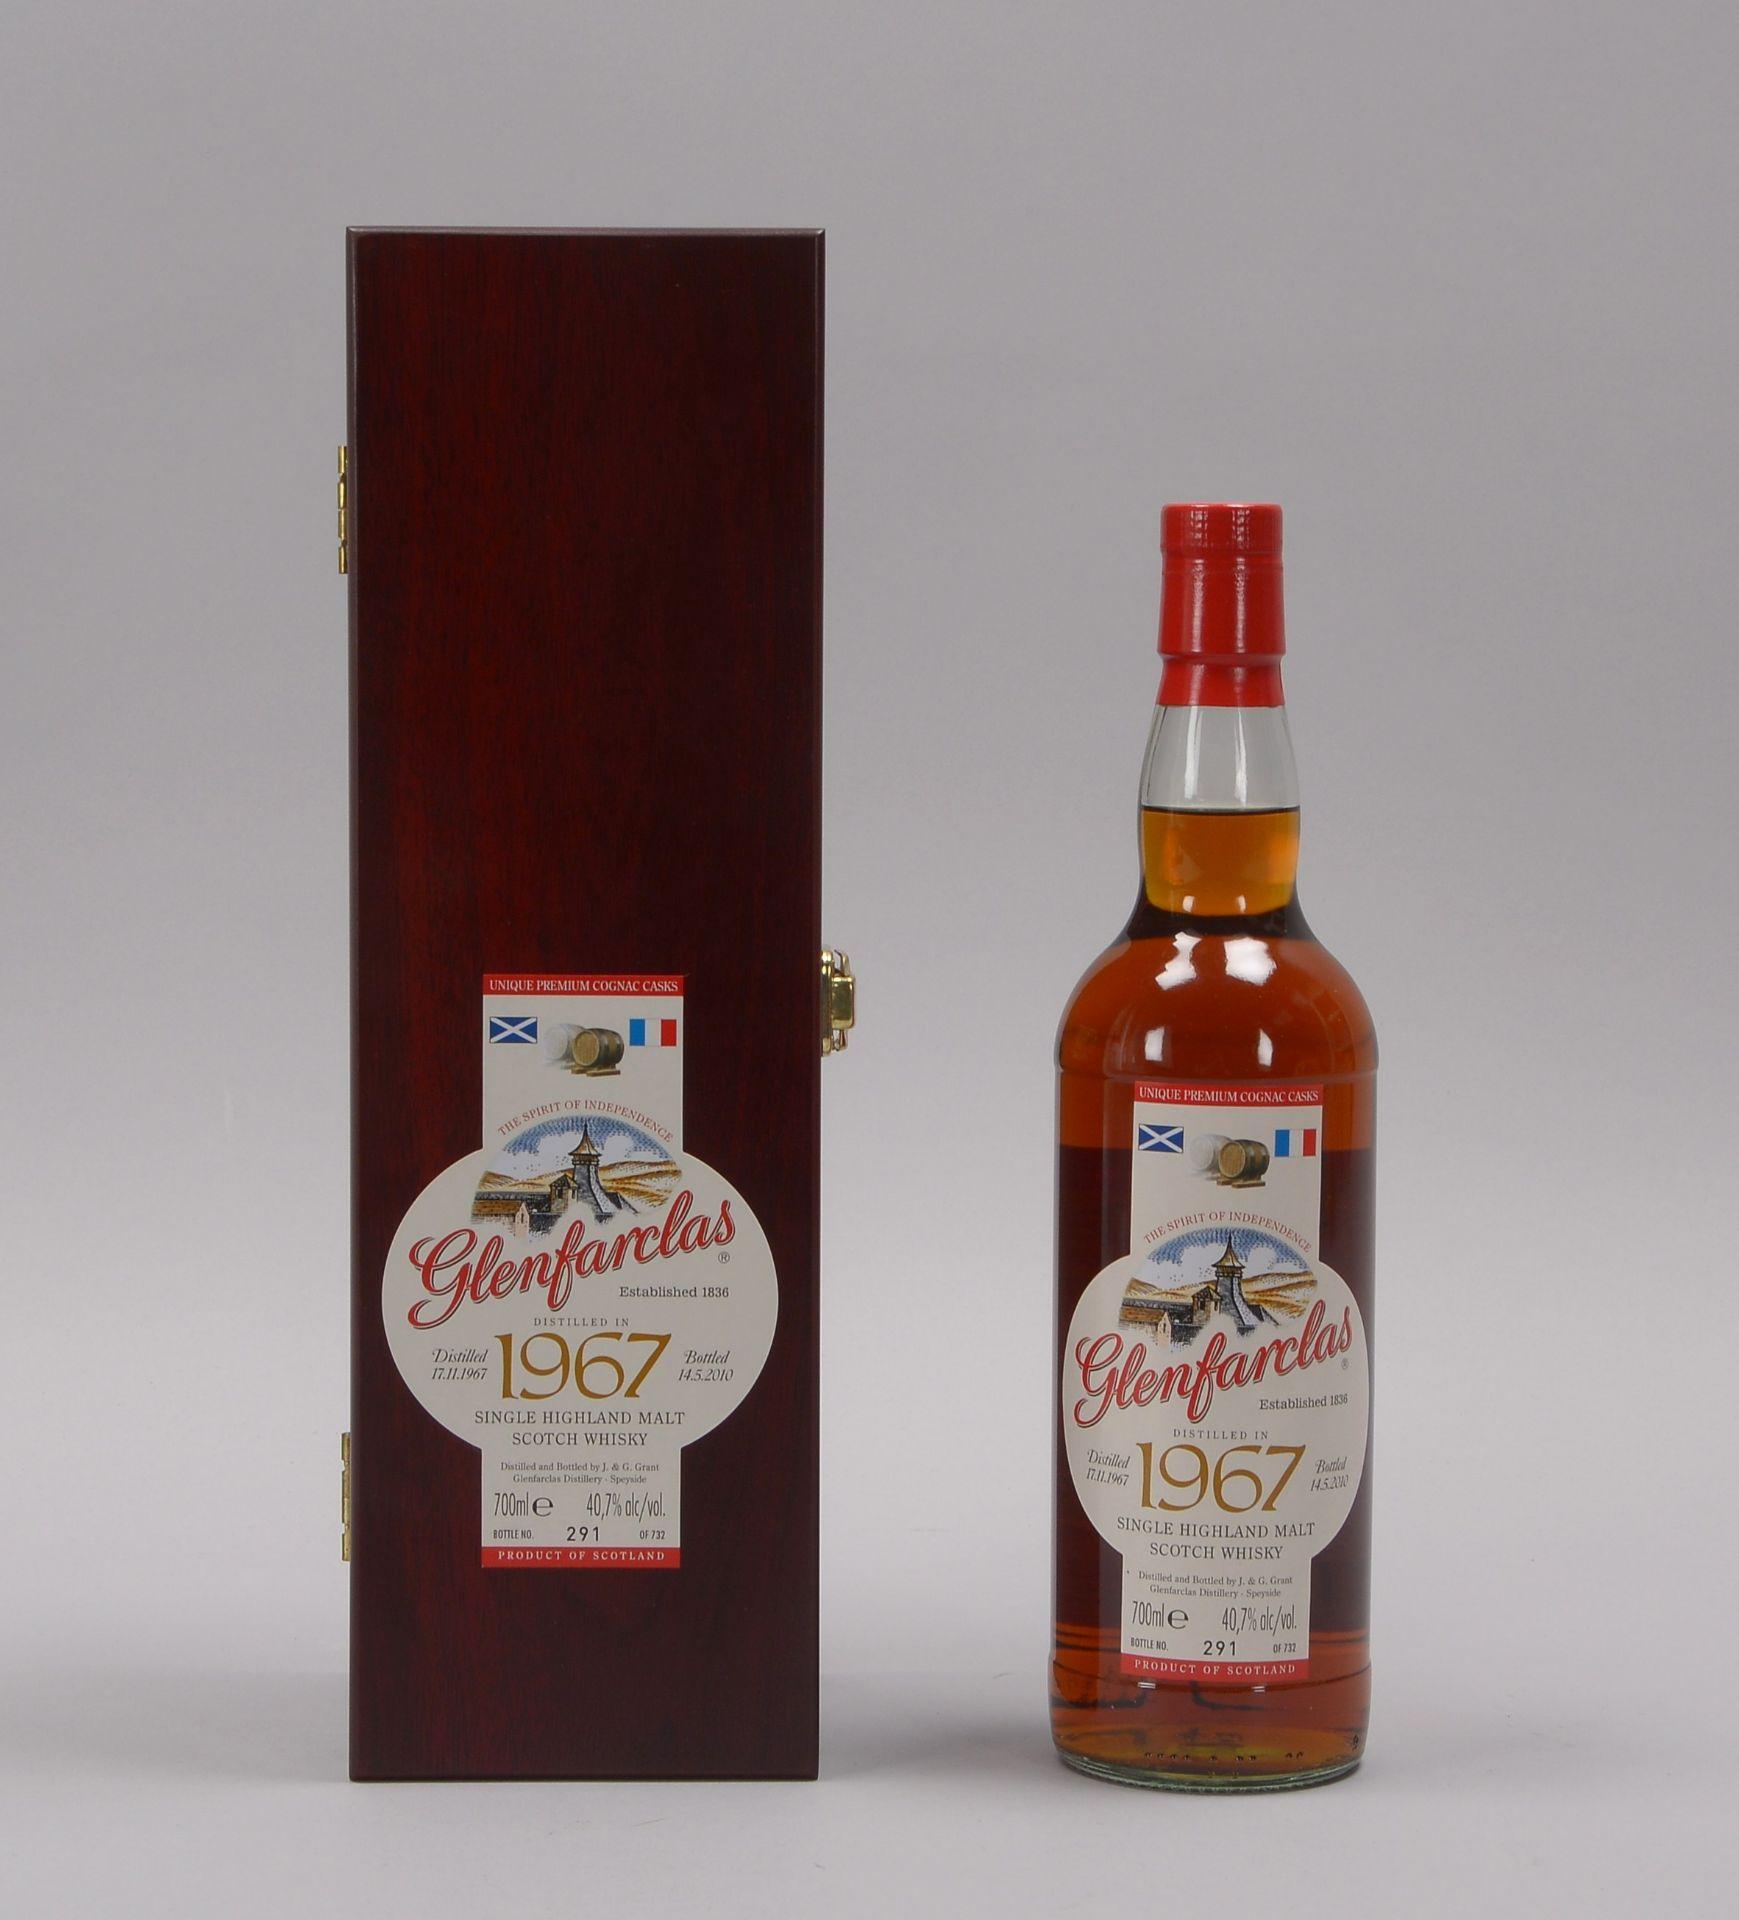 Sammlerwhisky: 'Glenfarclas Single Highland Malt Scotch Whisky', 'Distilled 17.11.196 - Image 4 of 4